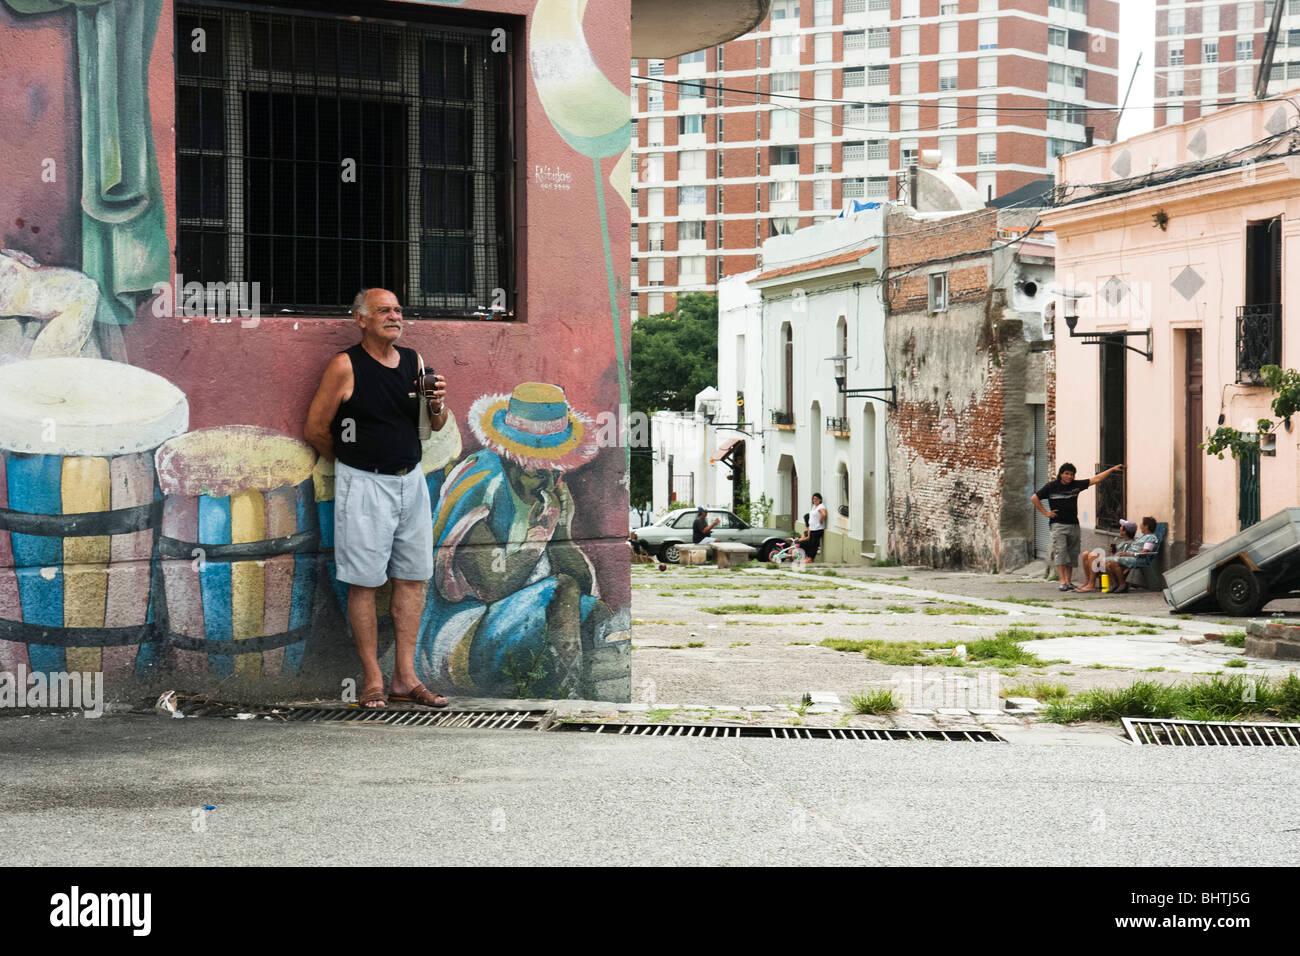 Un uomo sips mate durante la visione di un tamburo di pratica su un angolo della Curuguaty e Carlos Gardel a Montevideo, Immagini Stock